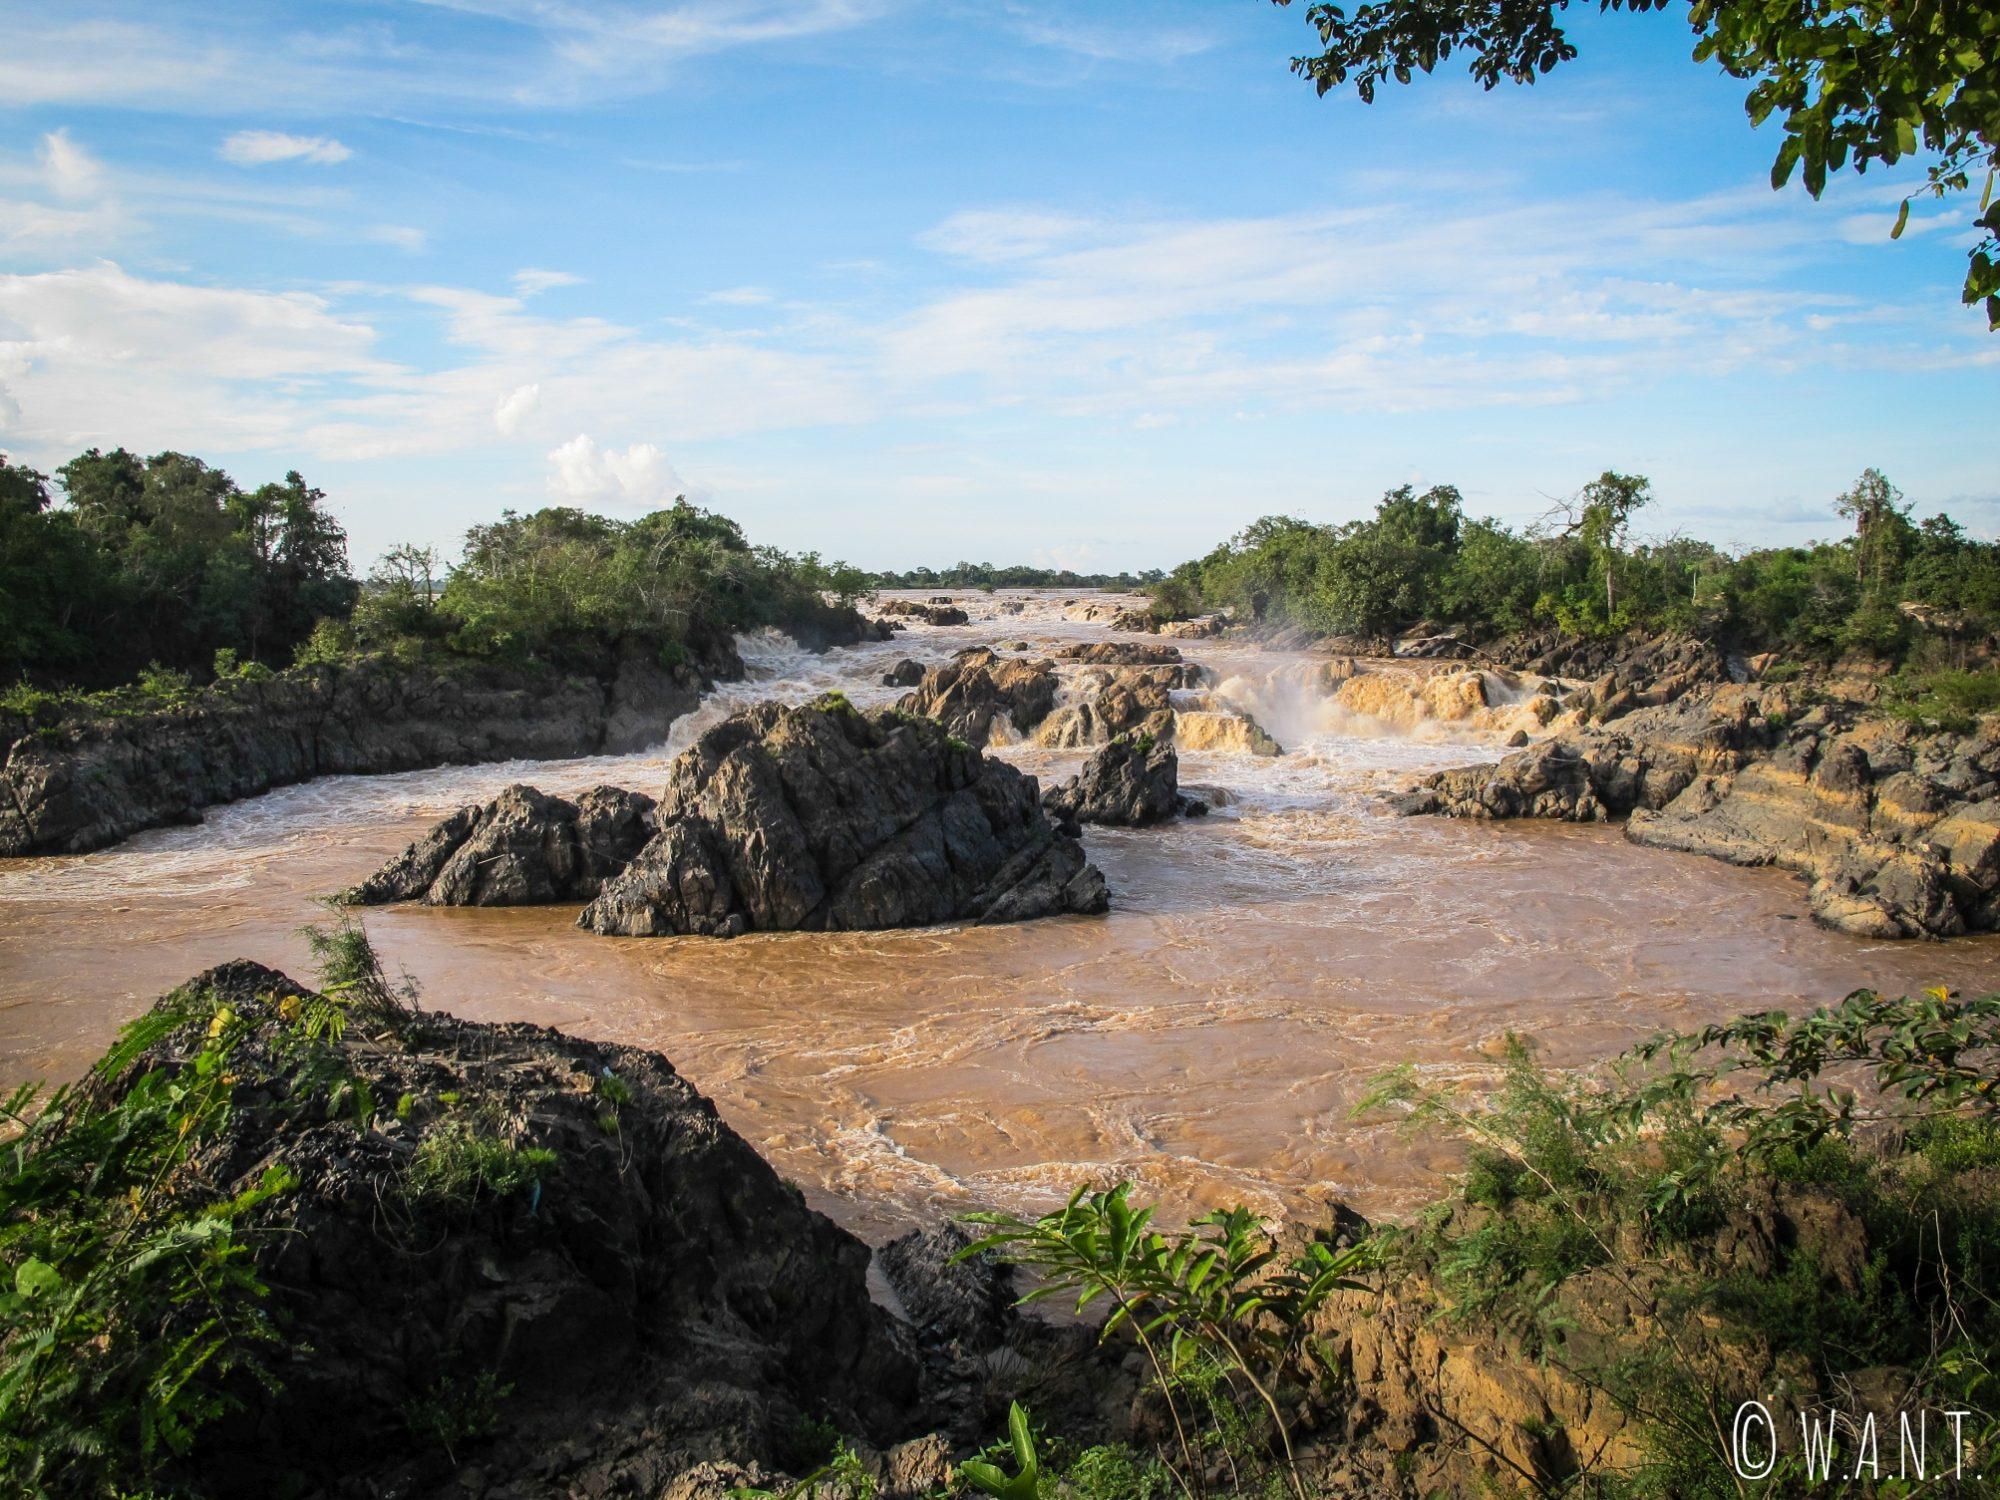 Le Mékong déverse ses eaux violemment dans les cascades de Li Phi sur l'île de Don Khon